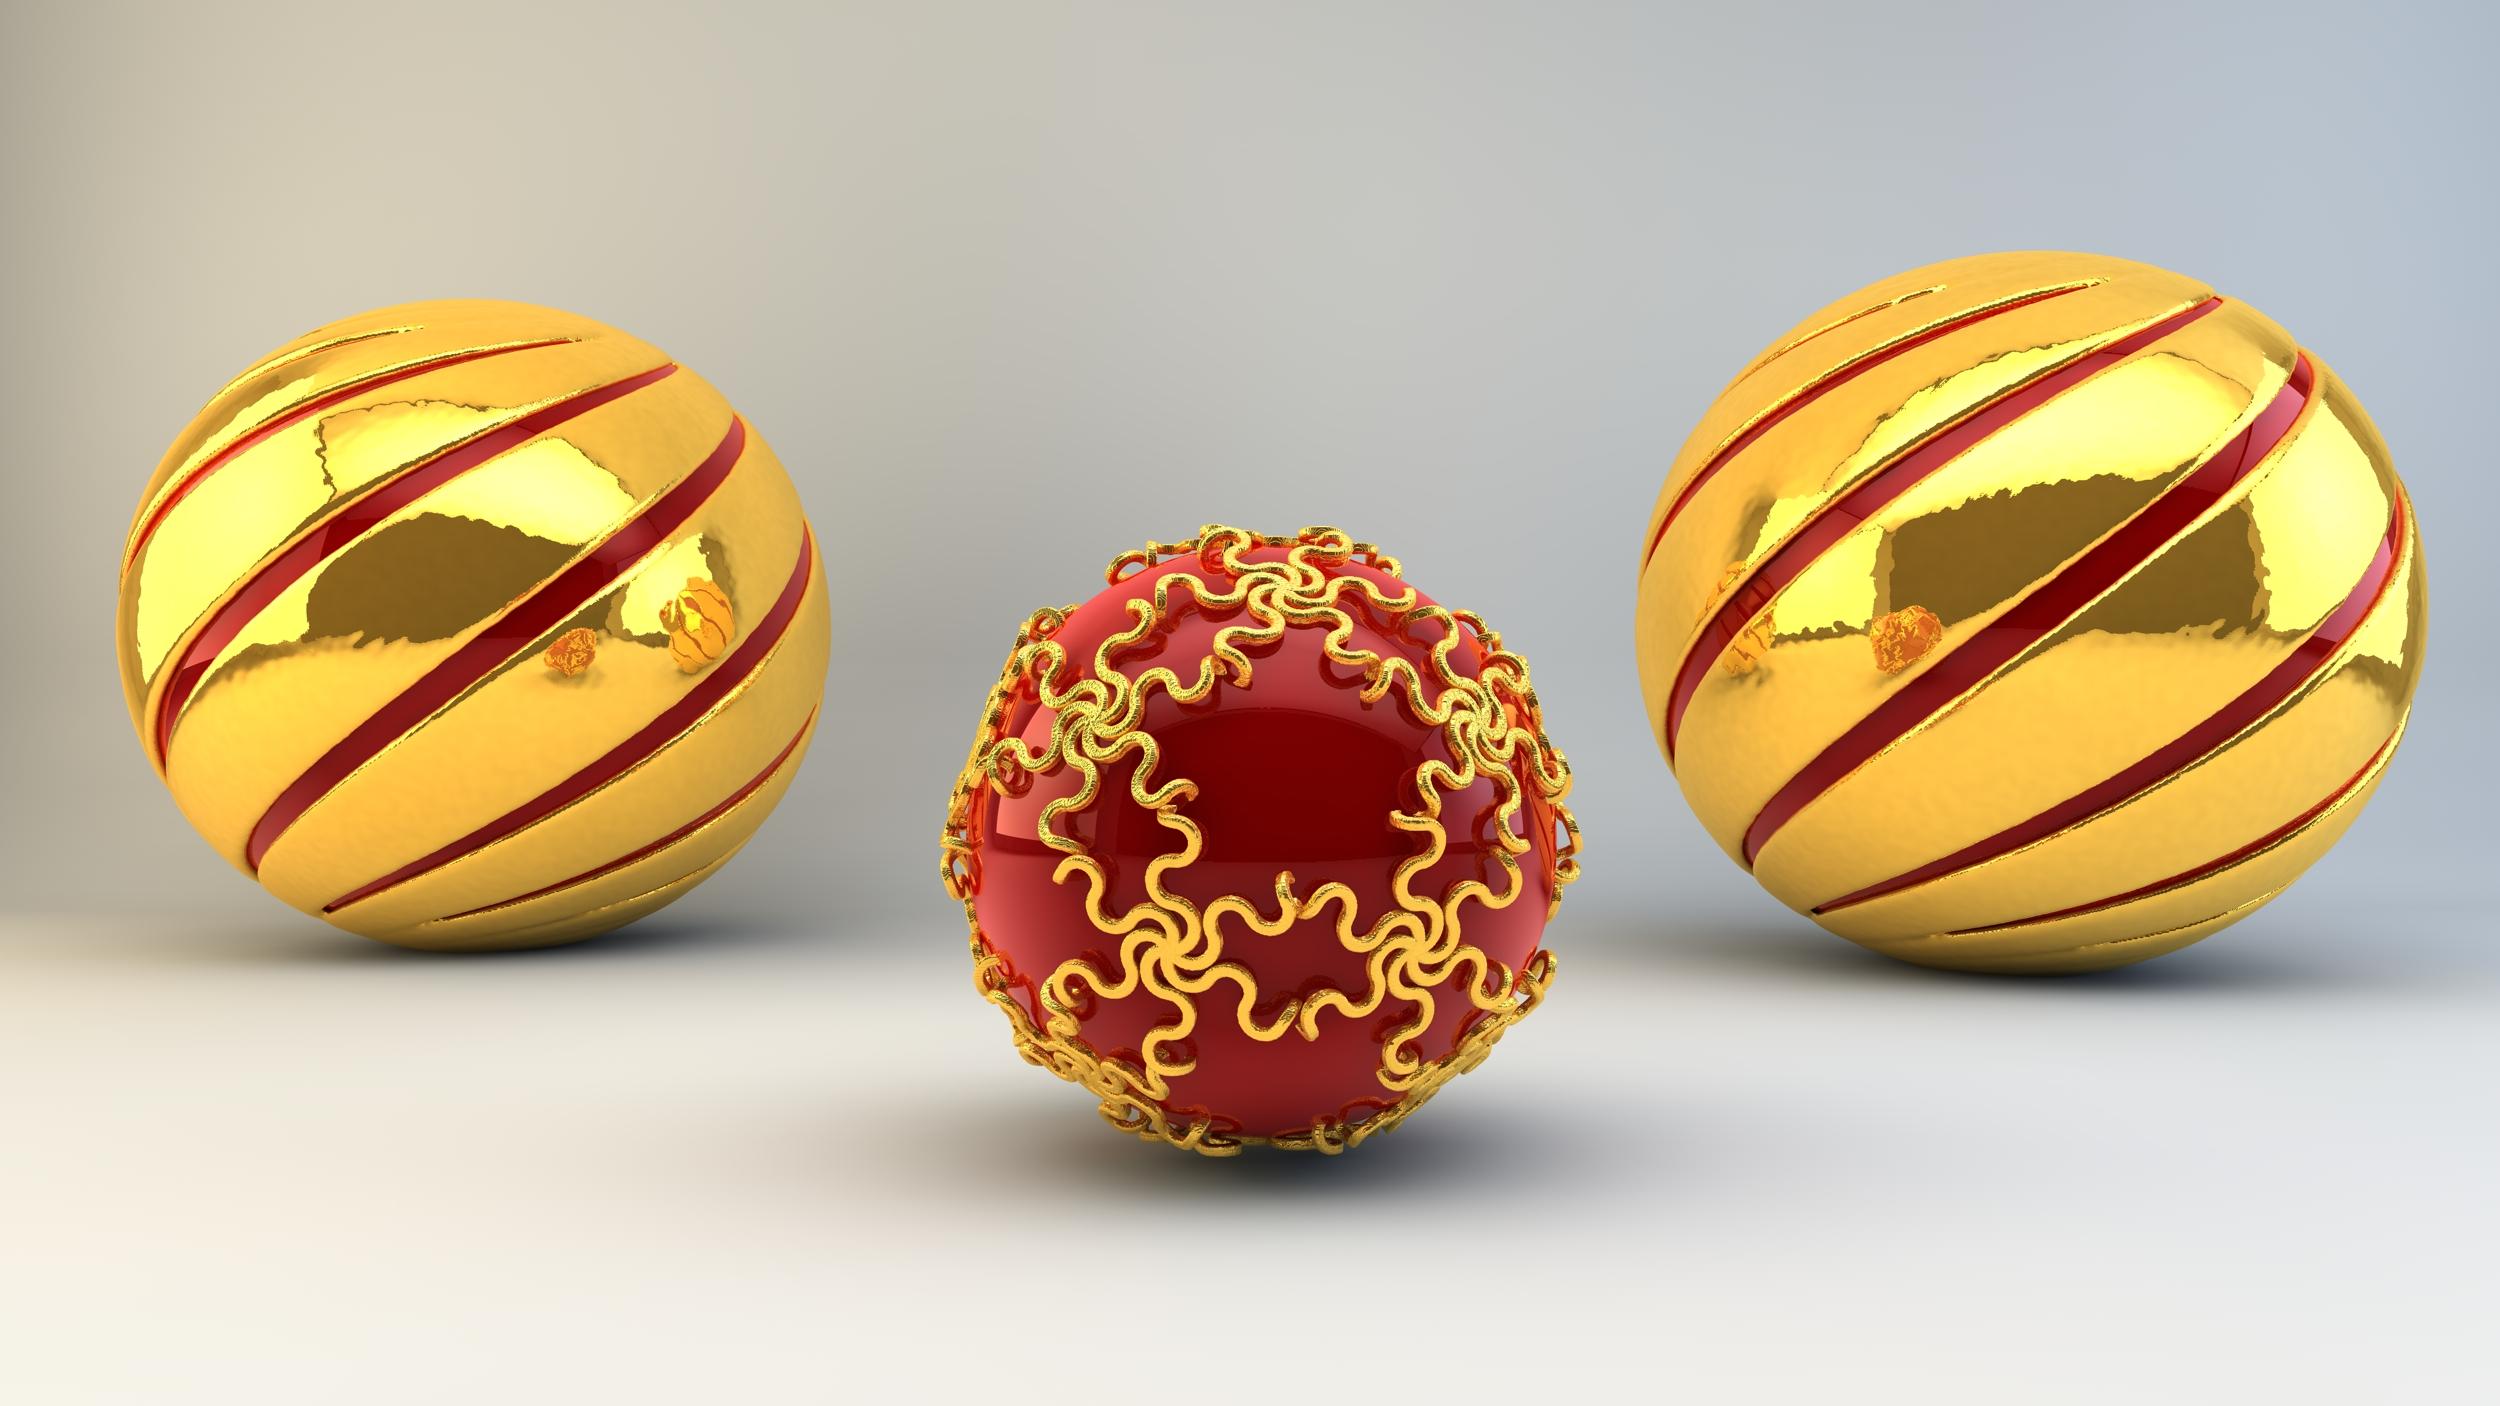 More Christmas balls by nic022